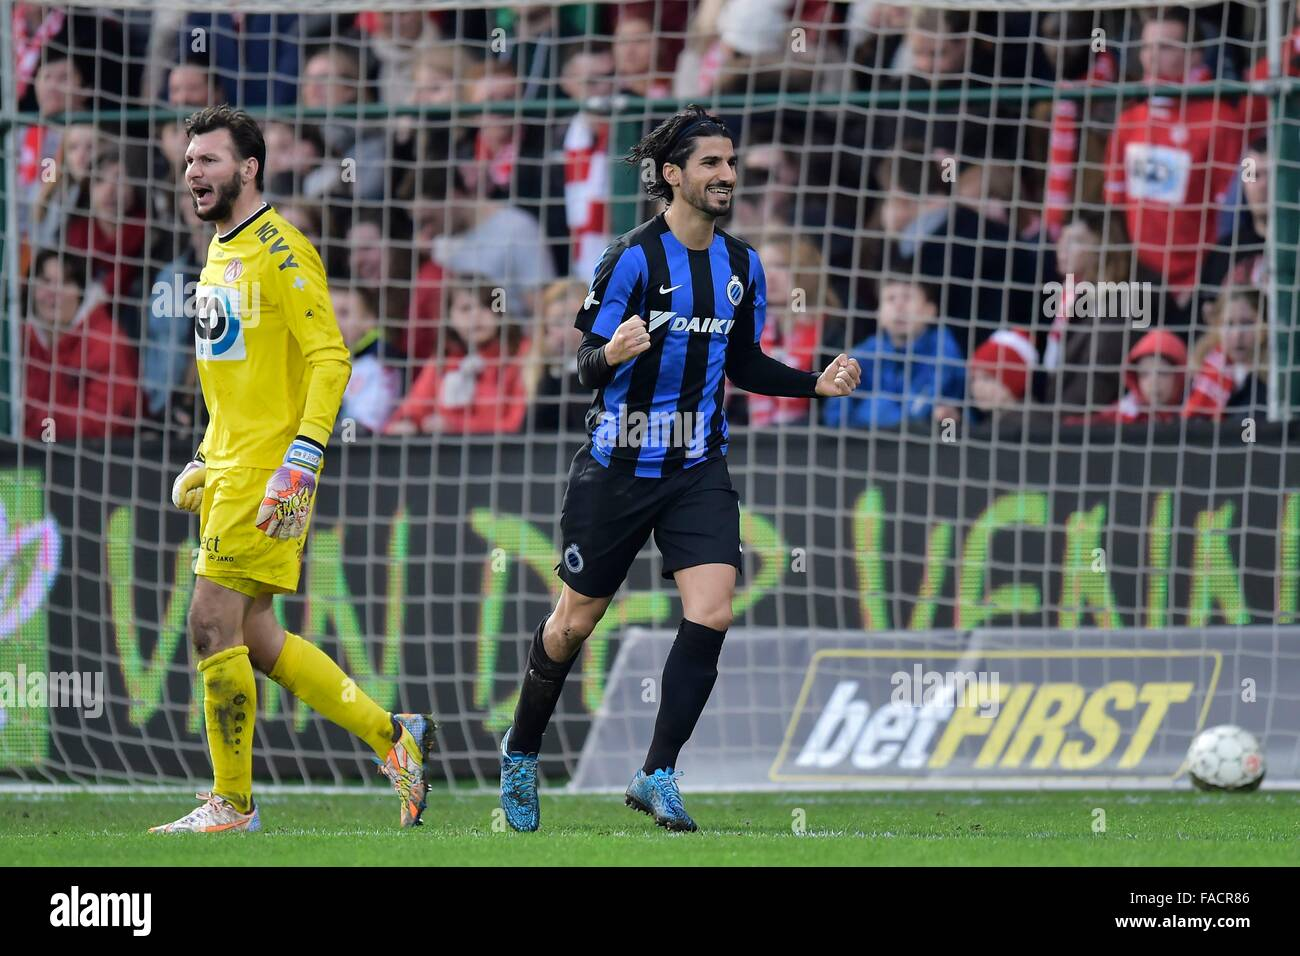 Kortrijk West Flanders Belgium th Dec Jupiler Pro League Stock Photo Alamy